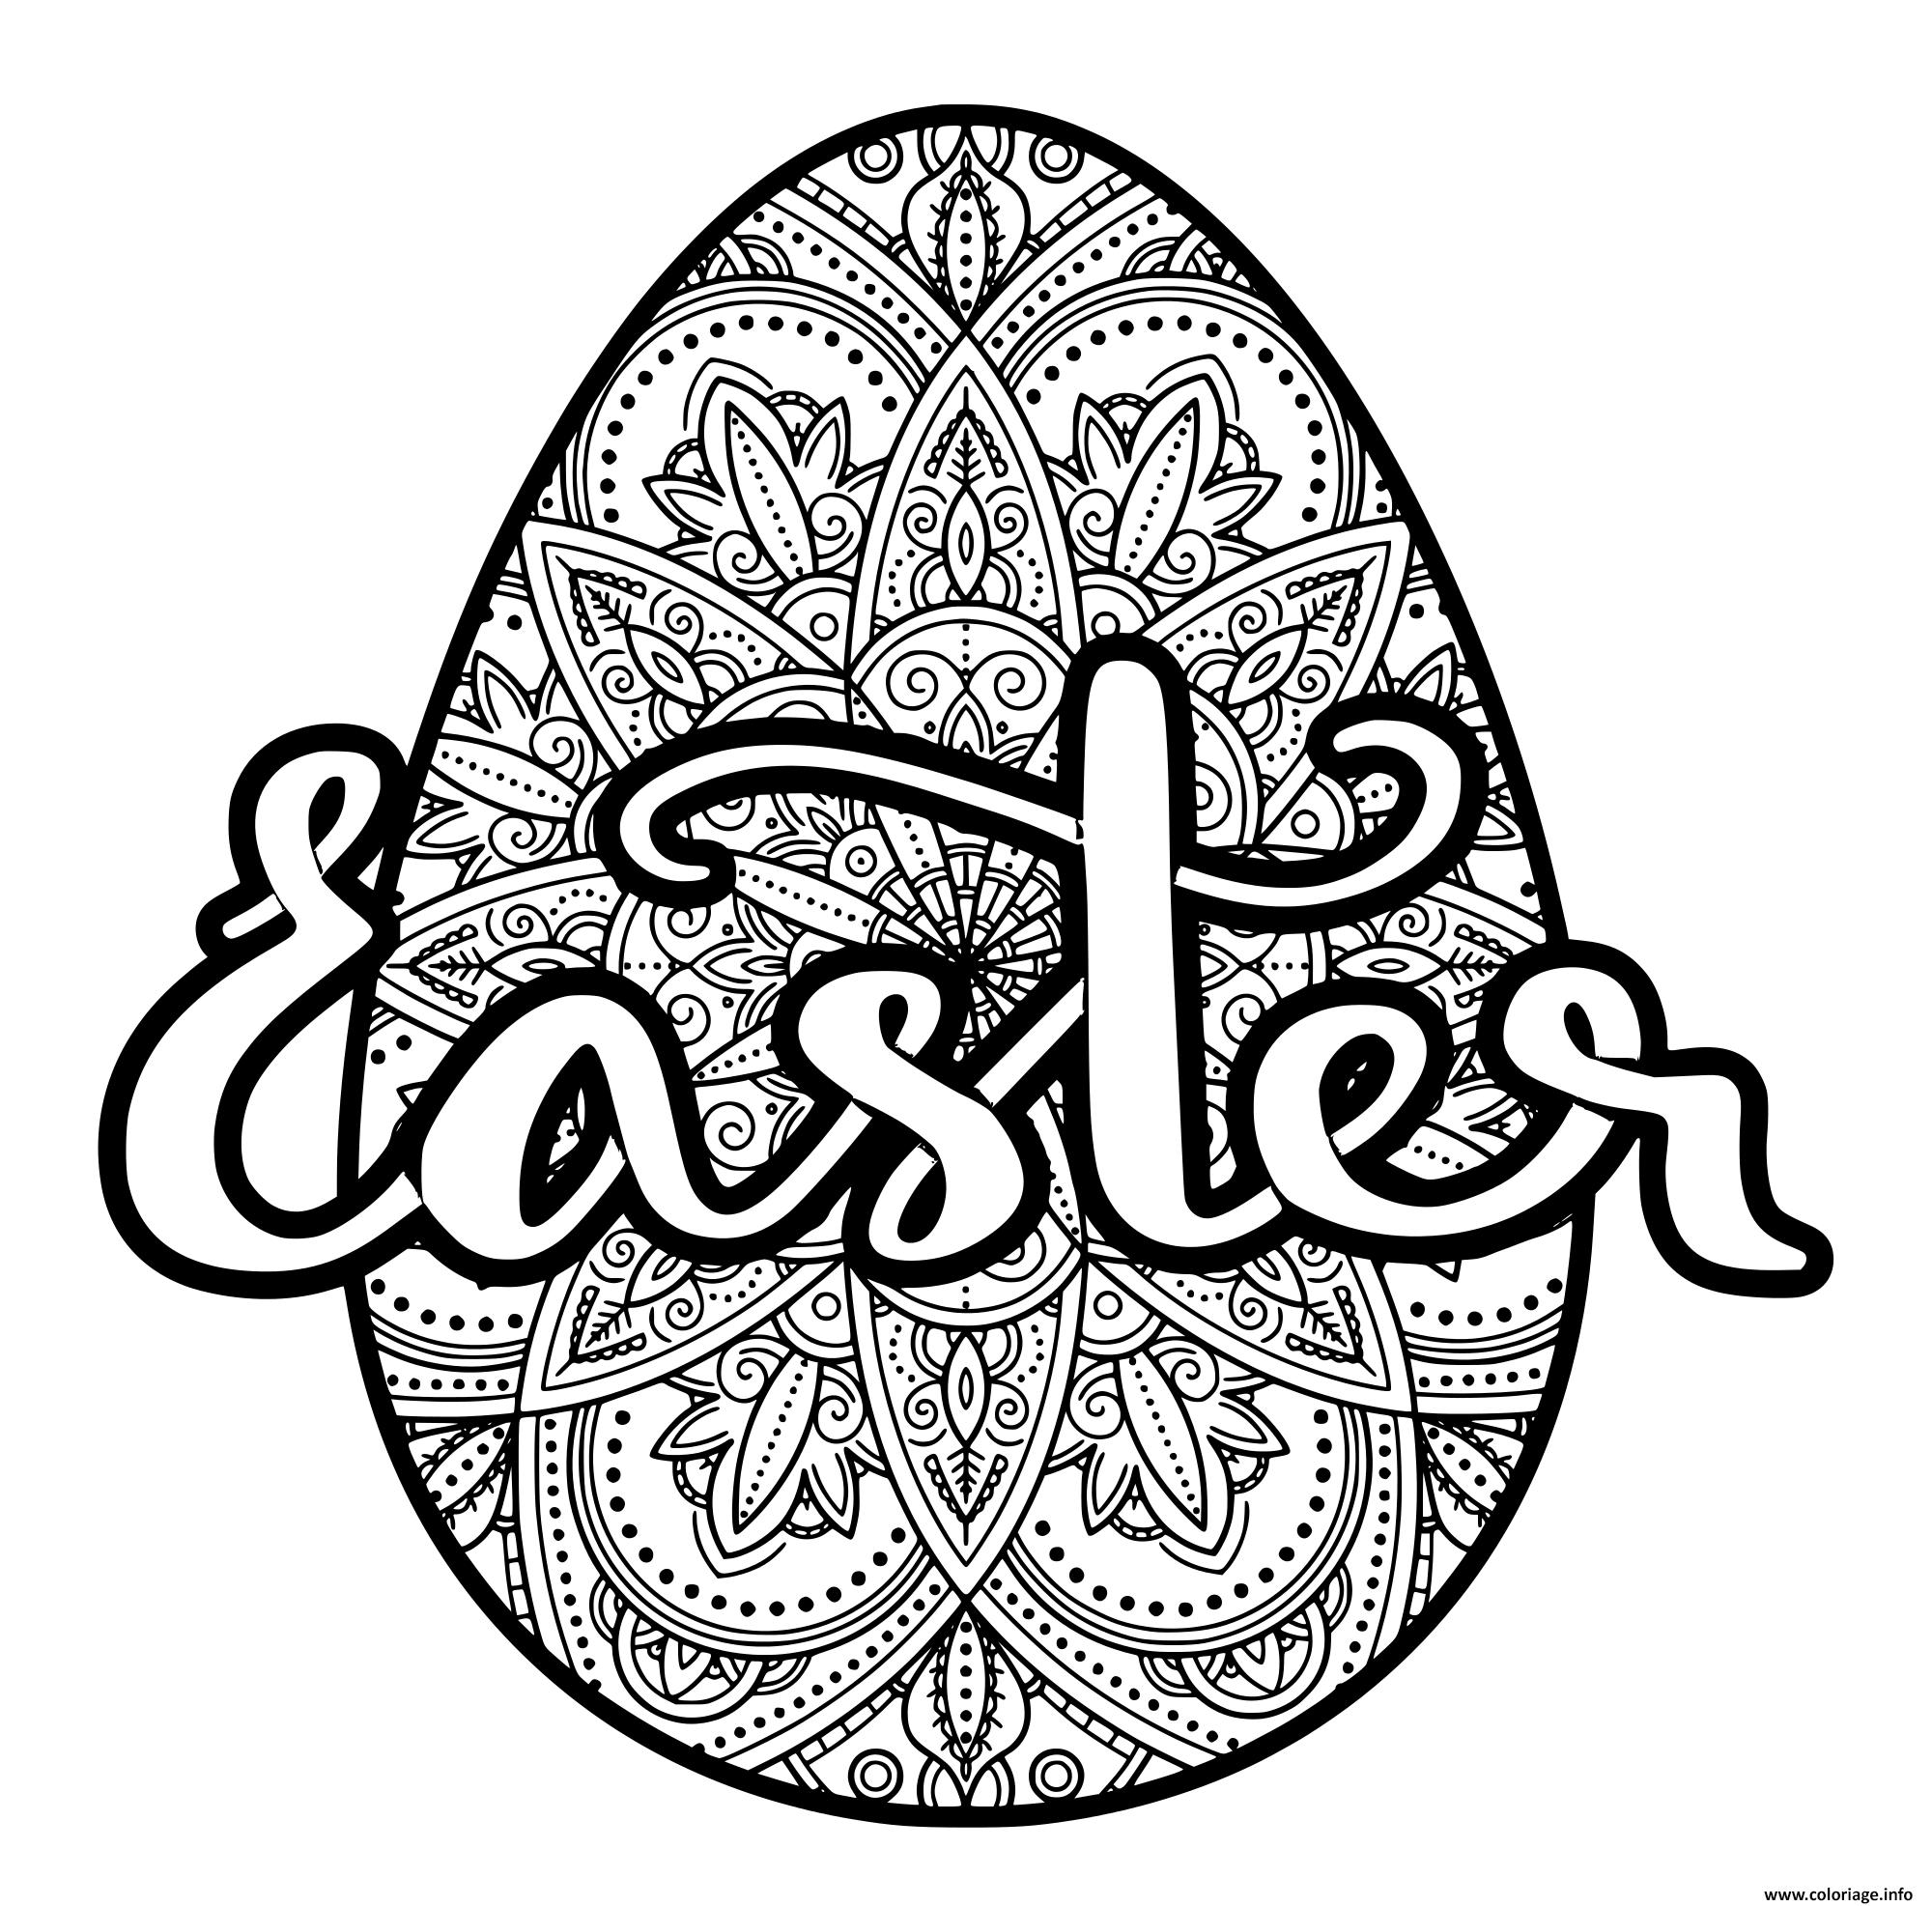 Dessin easter egg oeuf paque Coloriage Gratuit à Imprimer